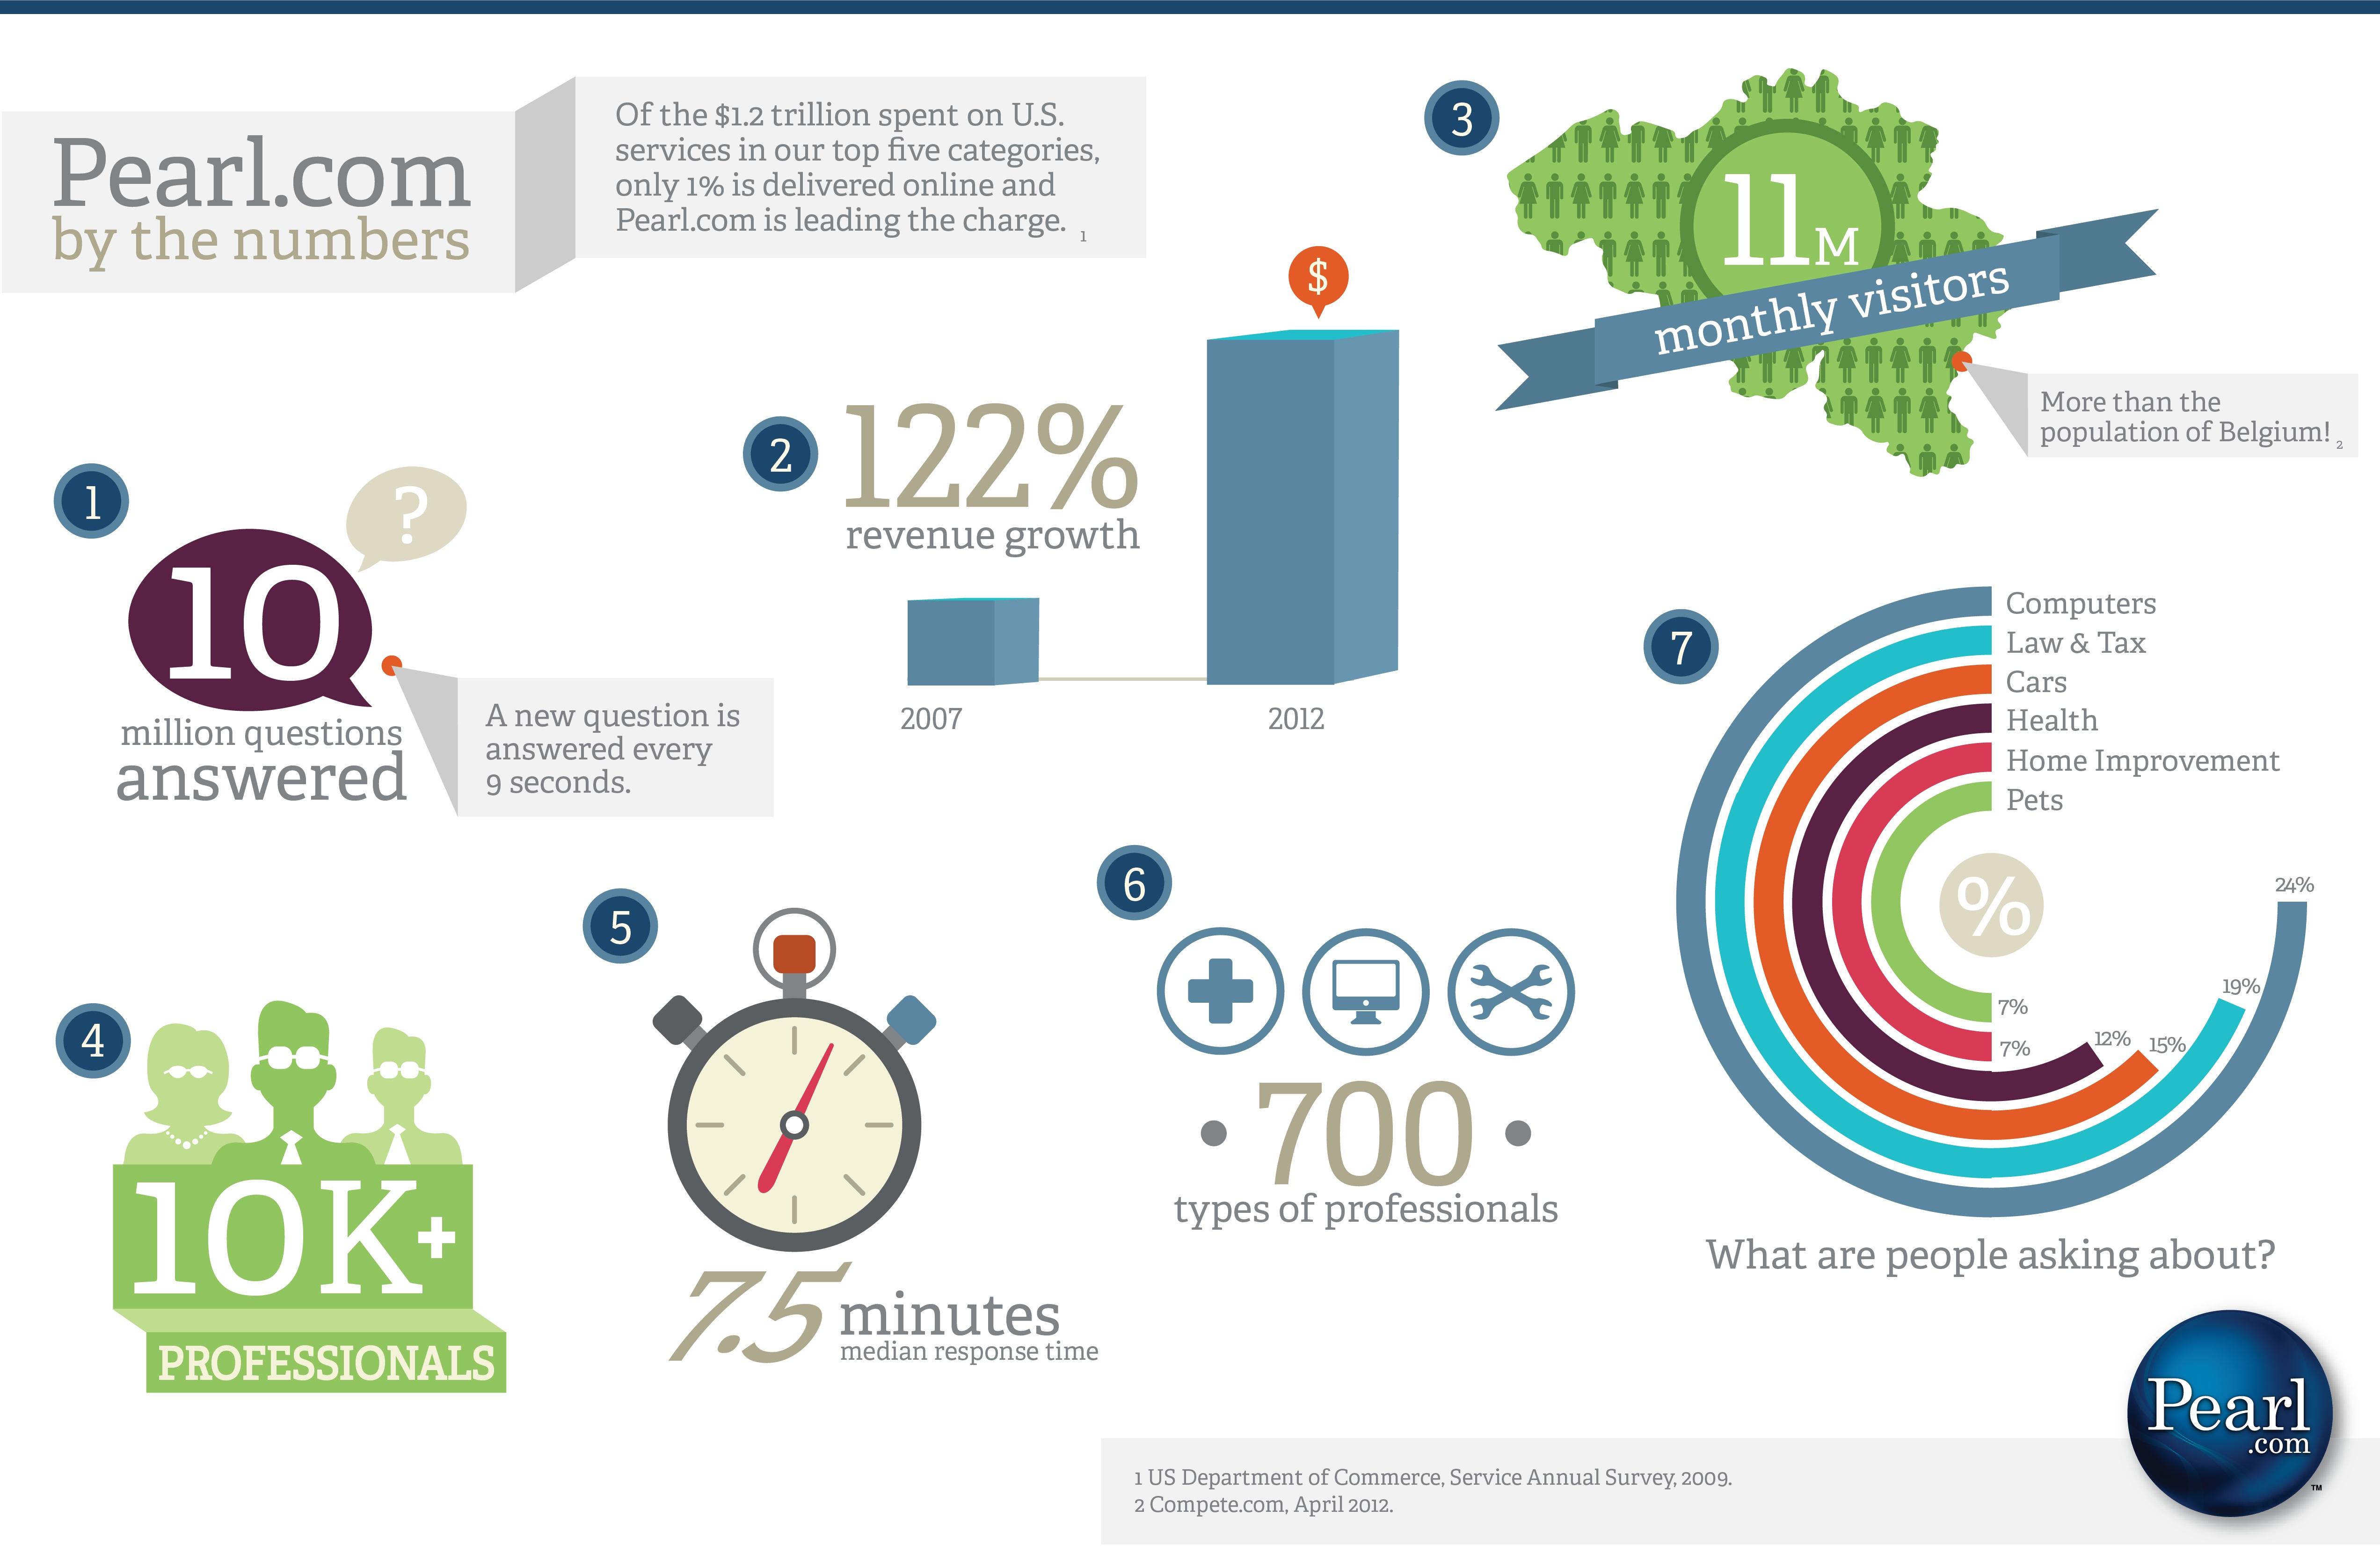 2012-06-19-Pearl_snapshot_infographic_v3.jpg